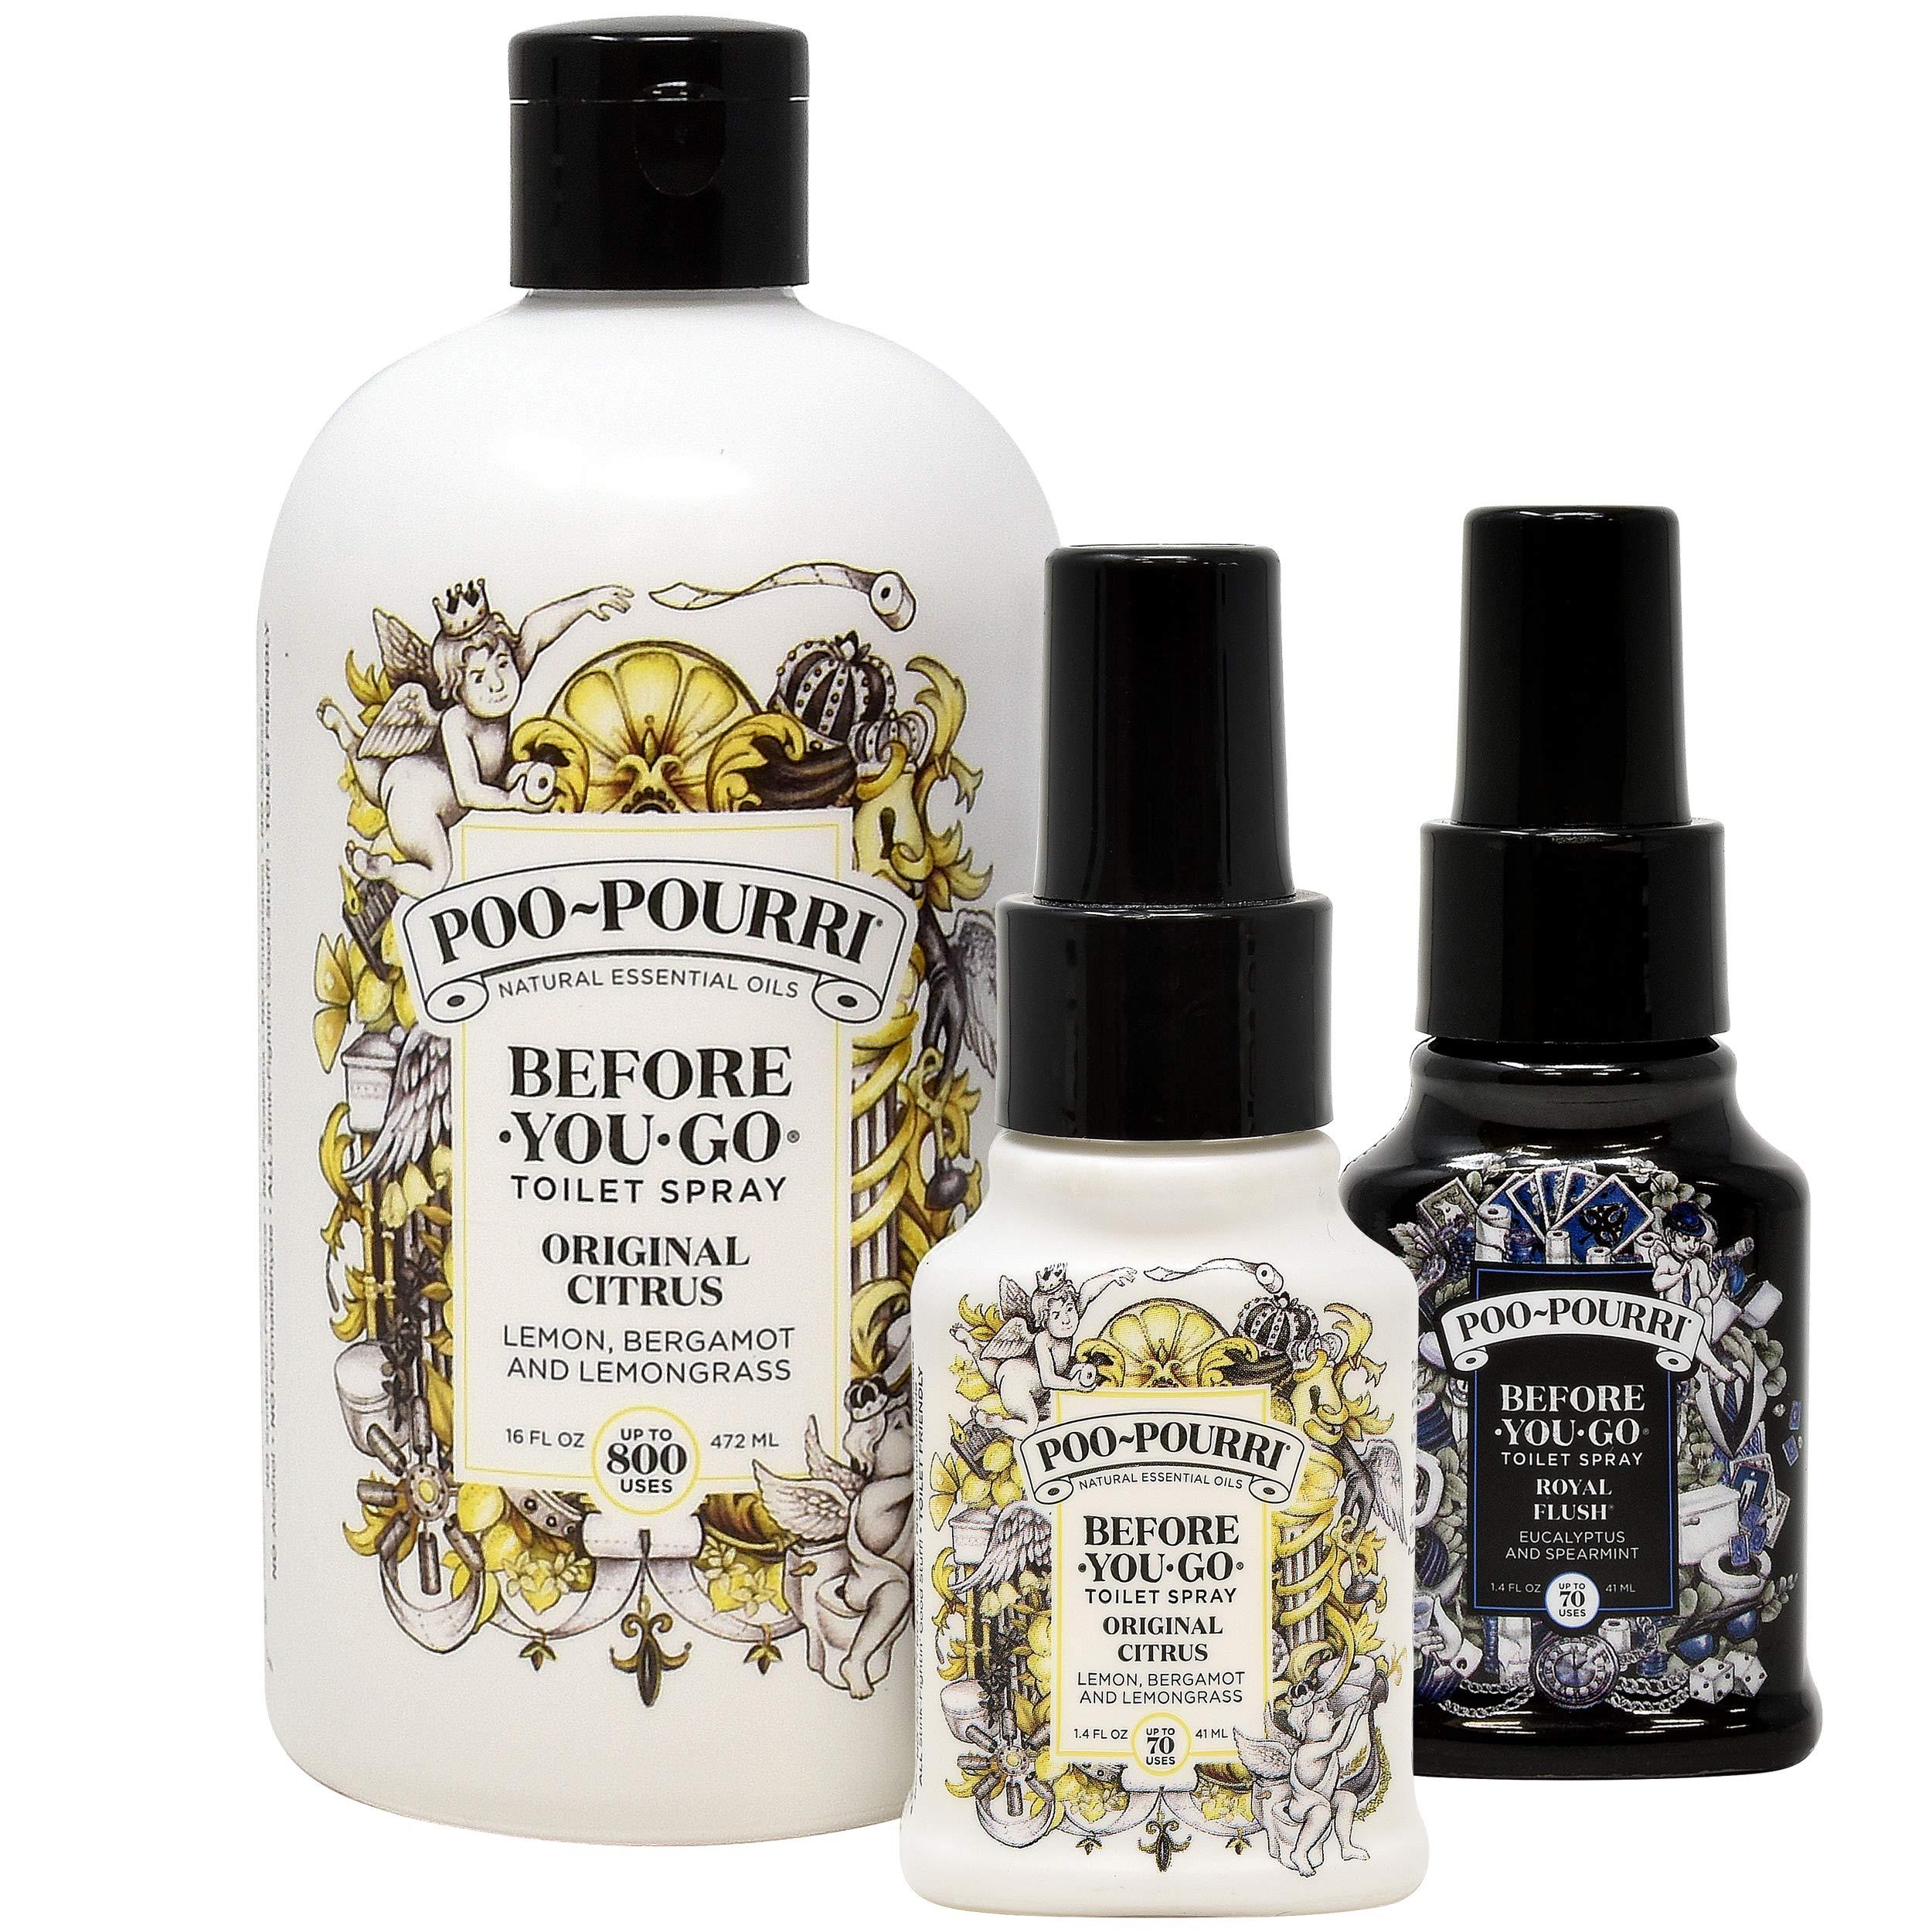 Poo-Pourri Original 16-Ounce Refill Bottle, 1.4 Ounce Original Bottle and 1.4 Ounce Royal Flush Bottle